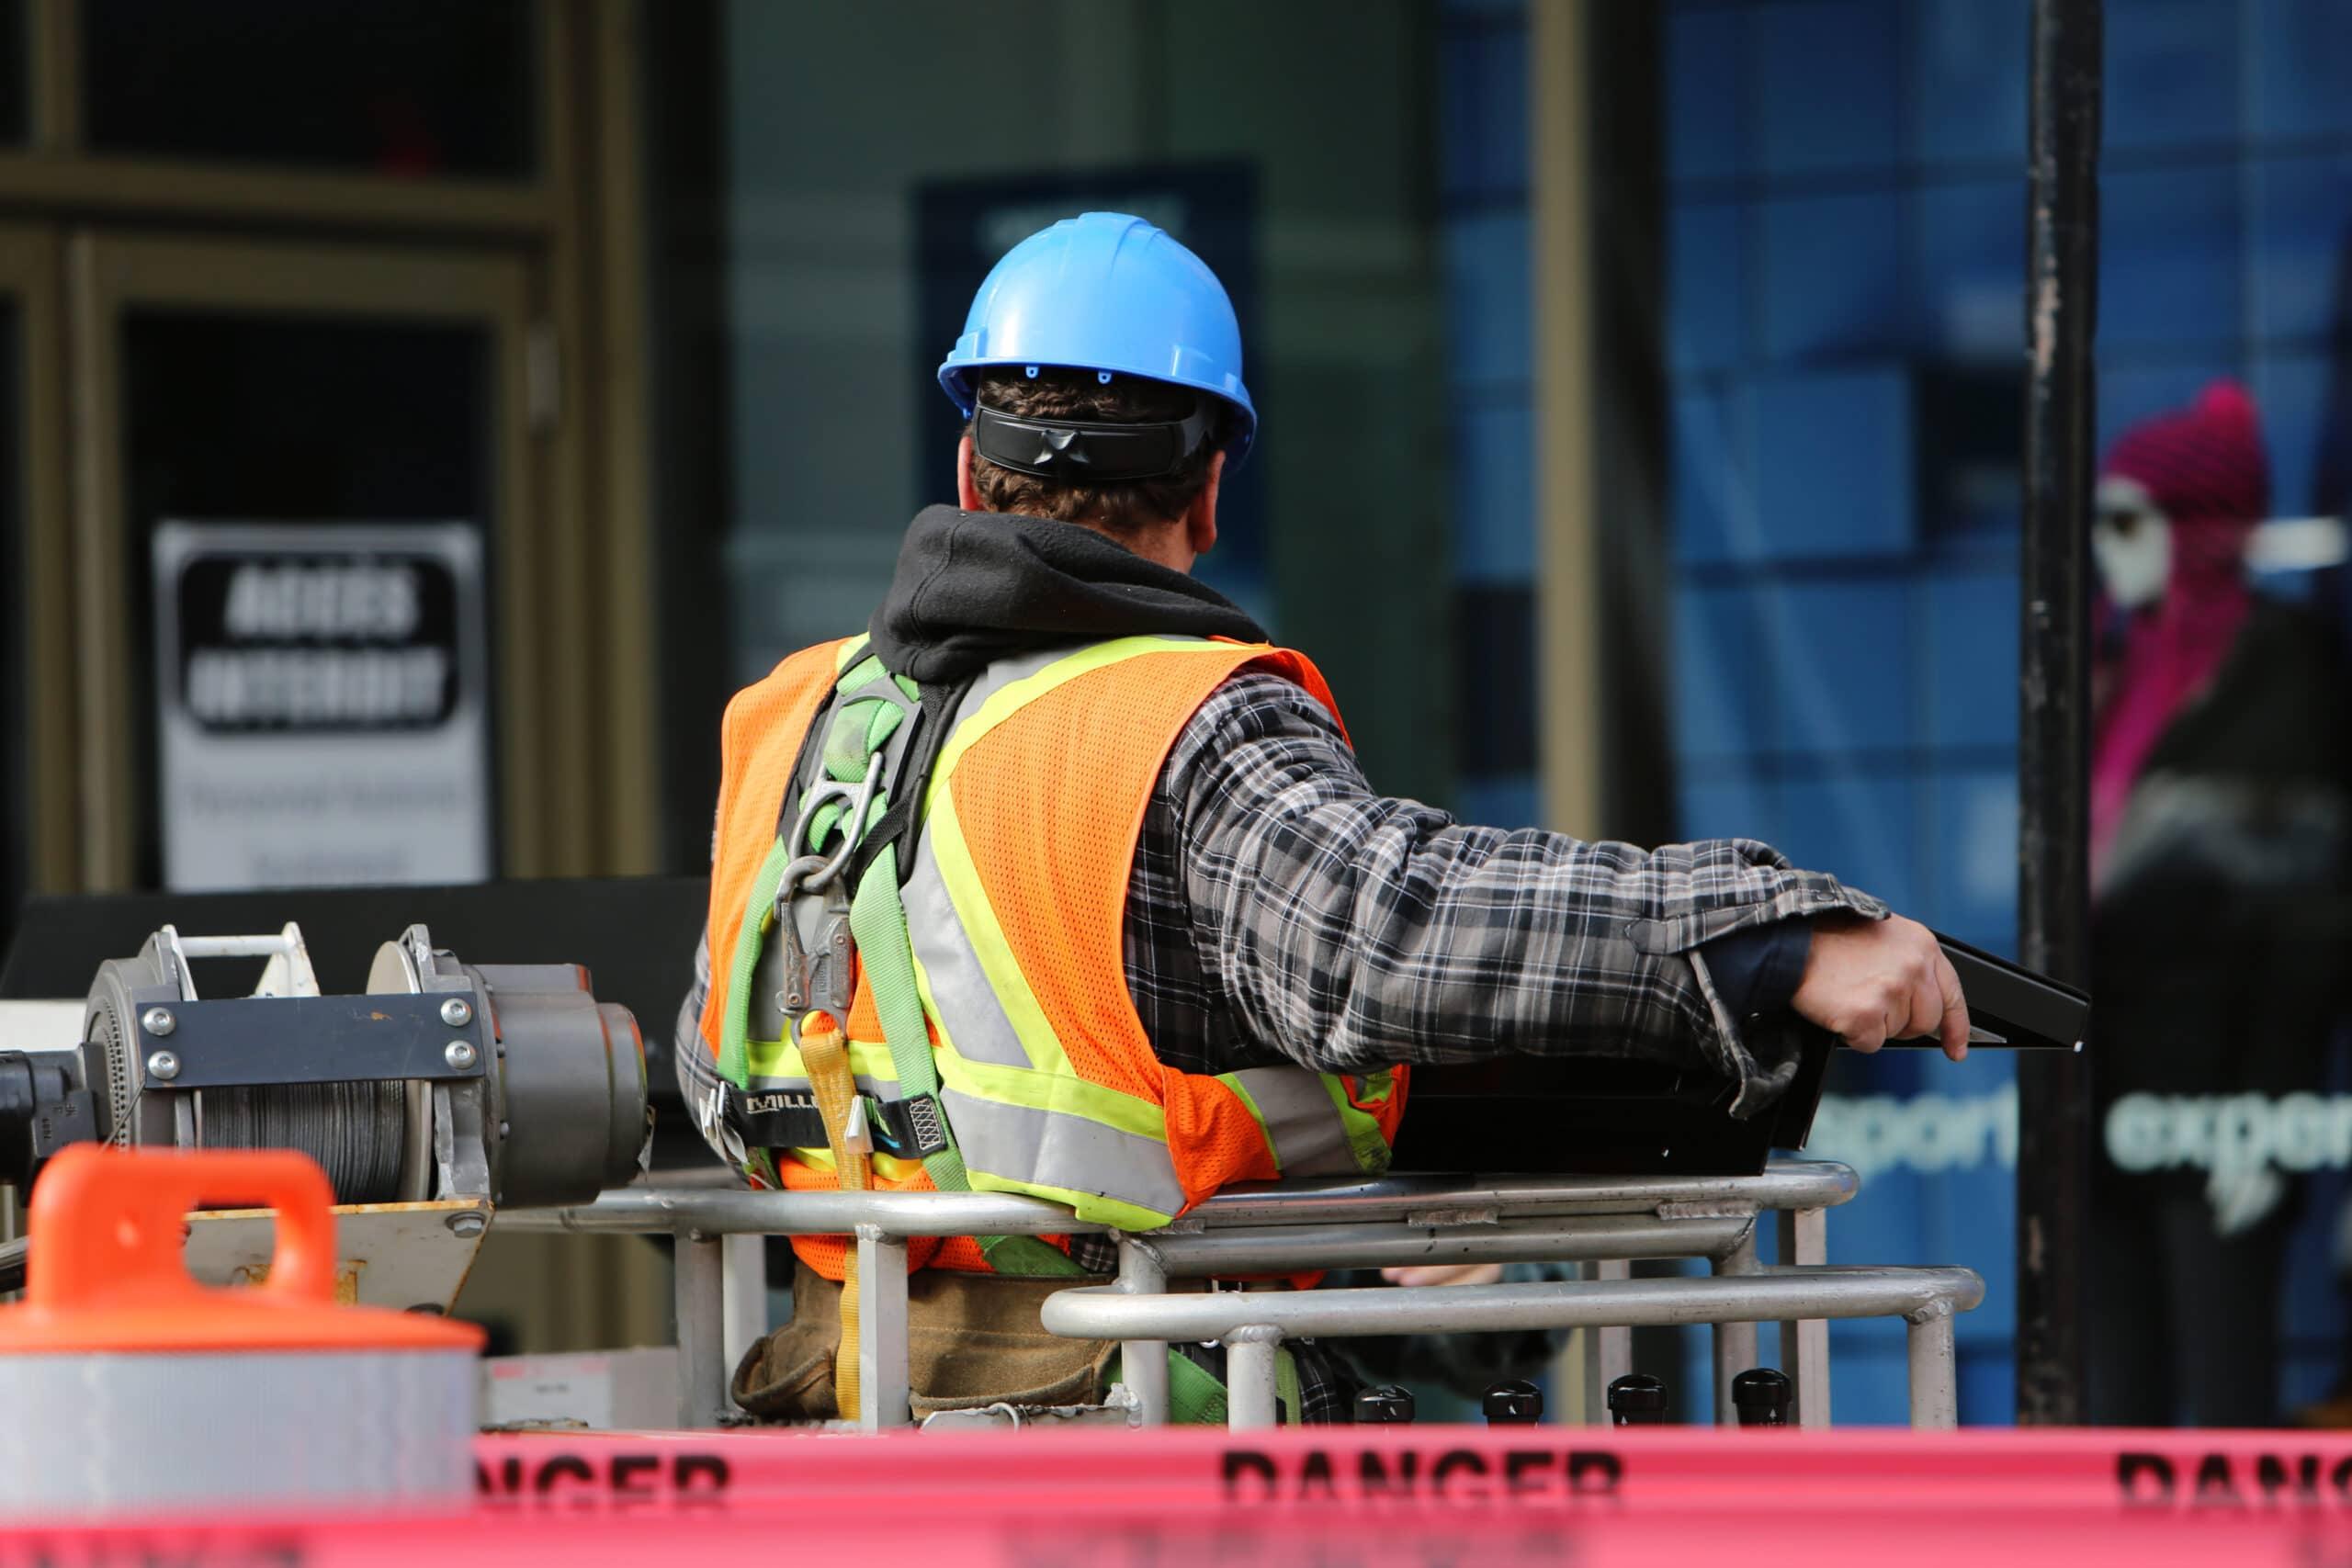 טיפים בנושא אובדן כושר עבודה